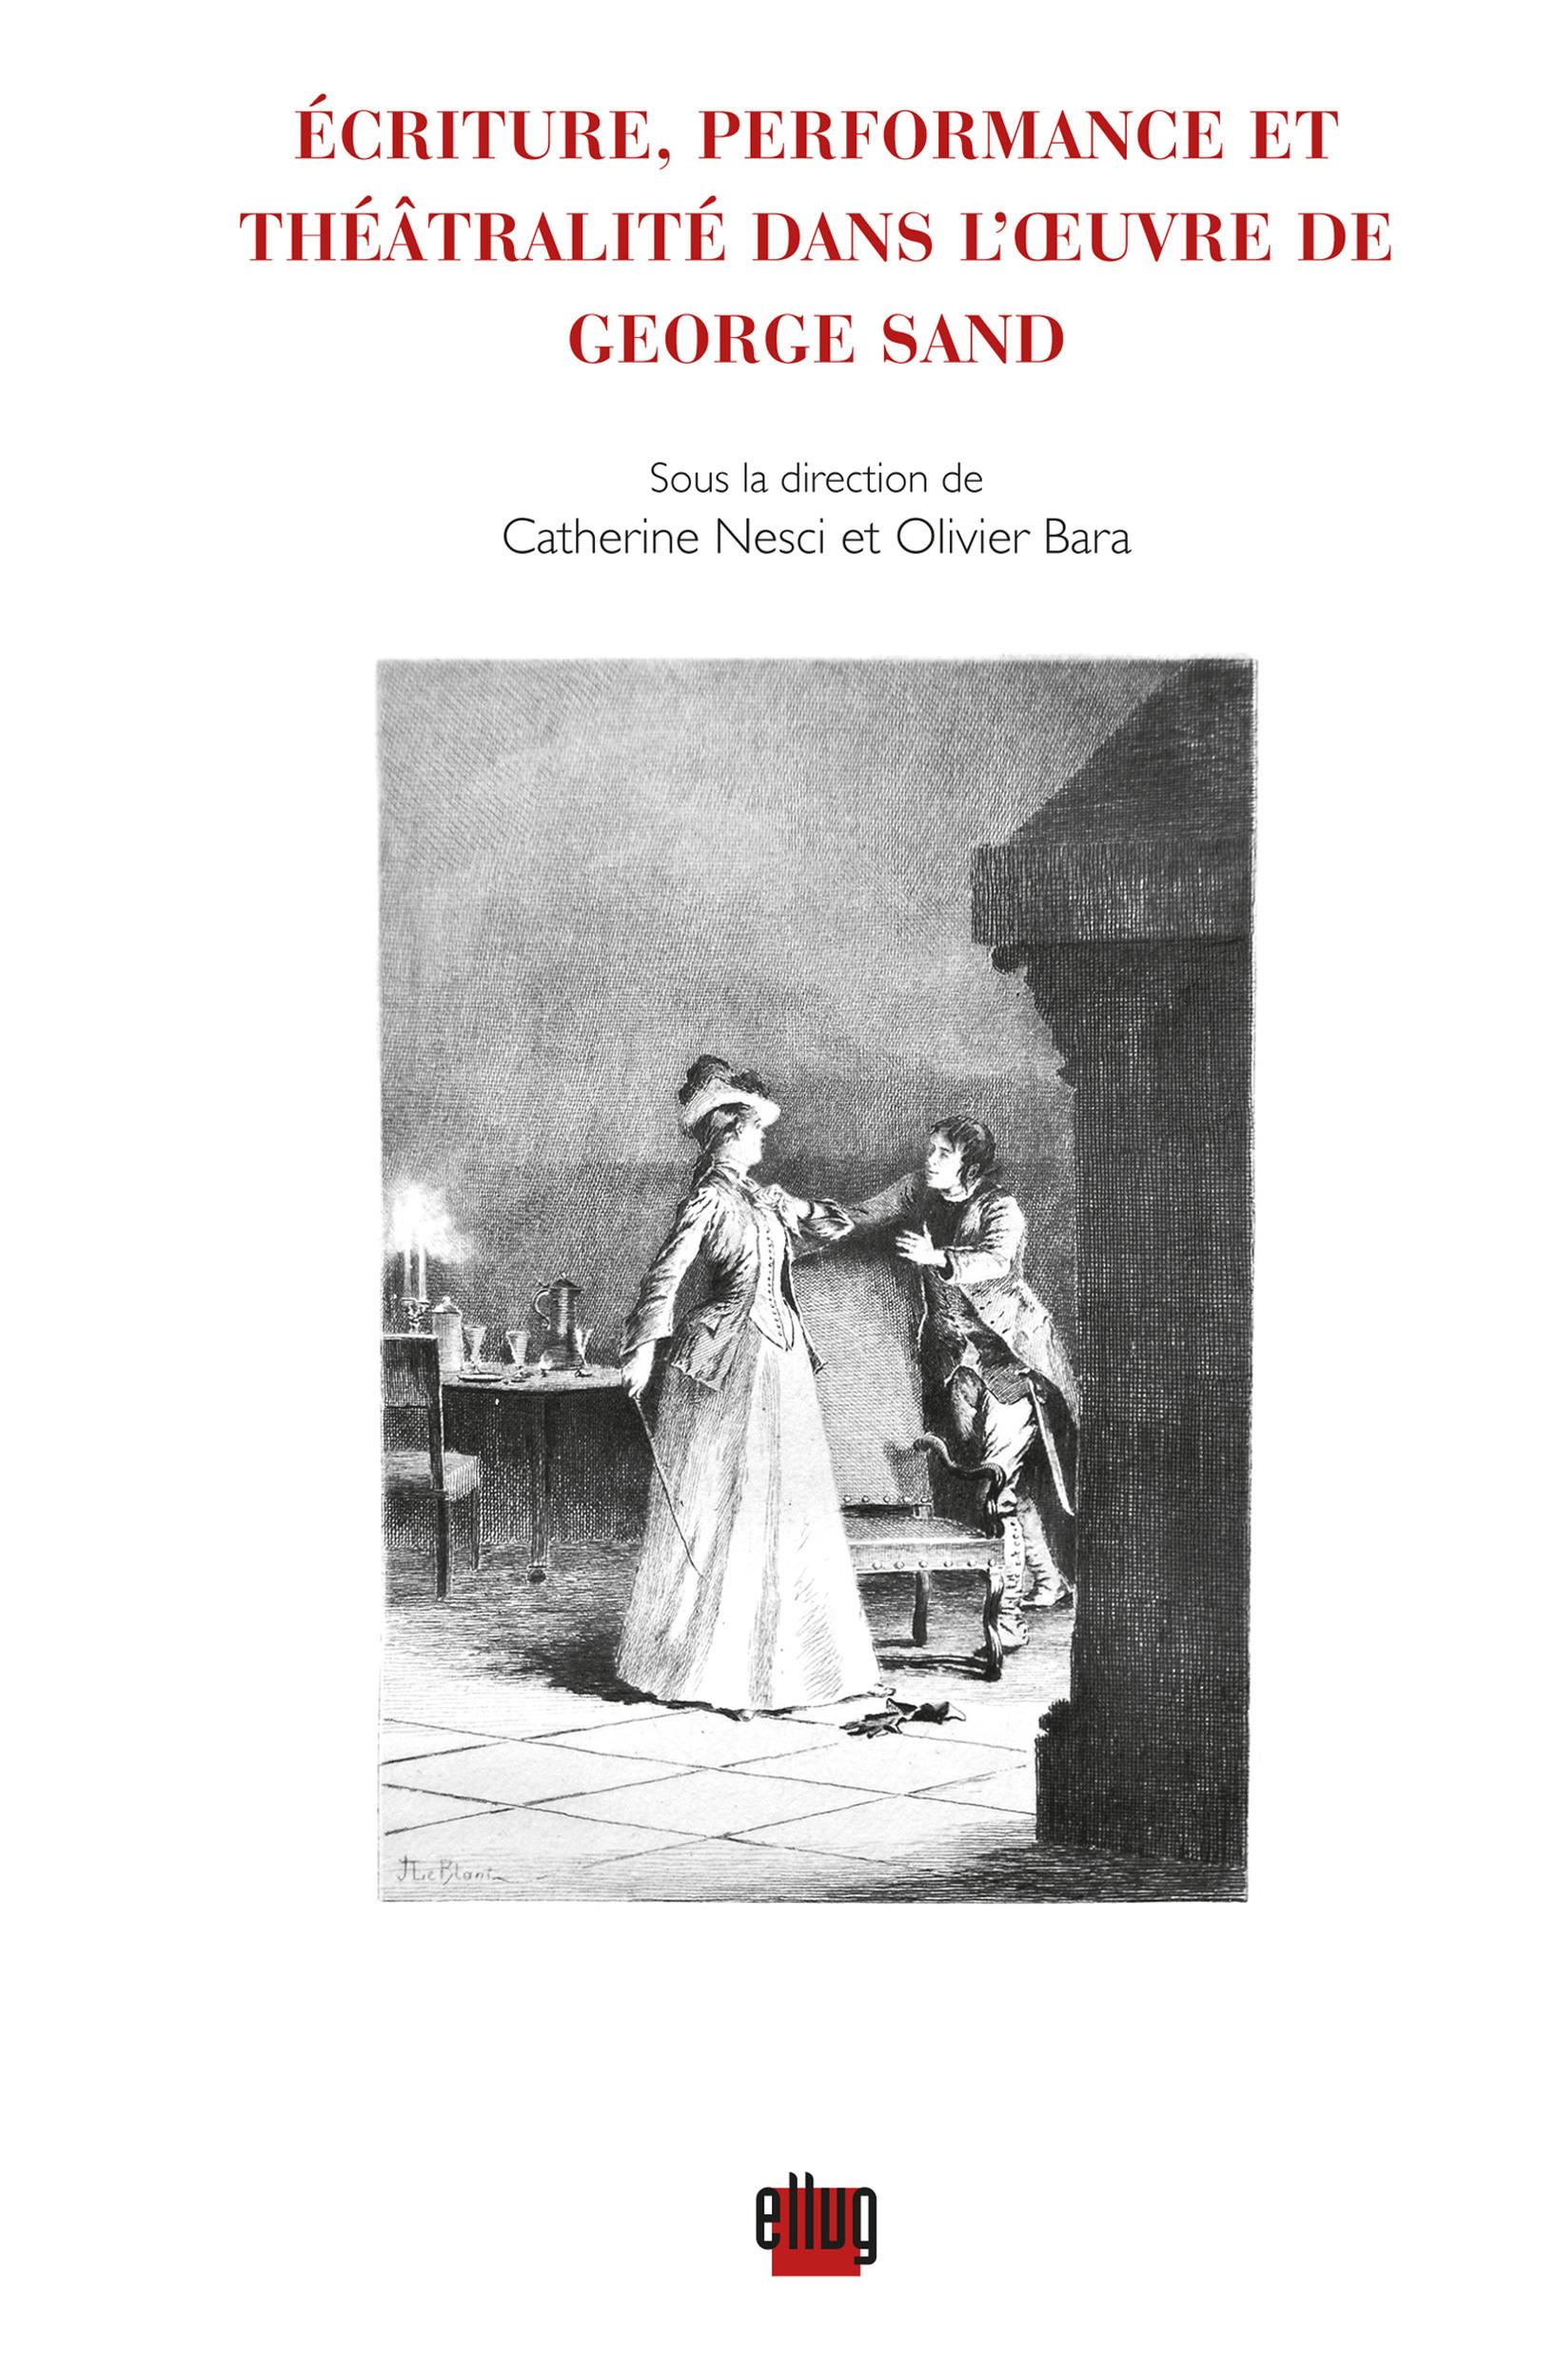 écriture, performance et théâtralité dans l'oeuvre de George Sand